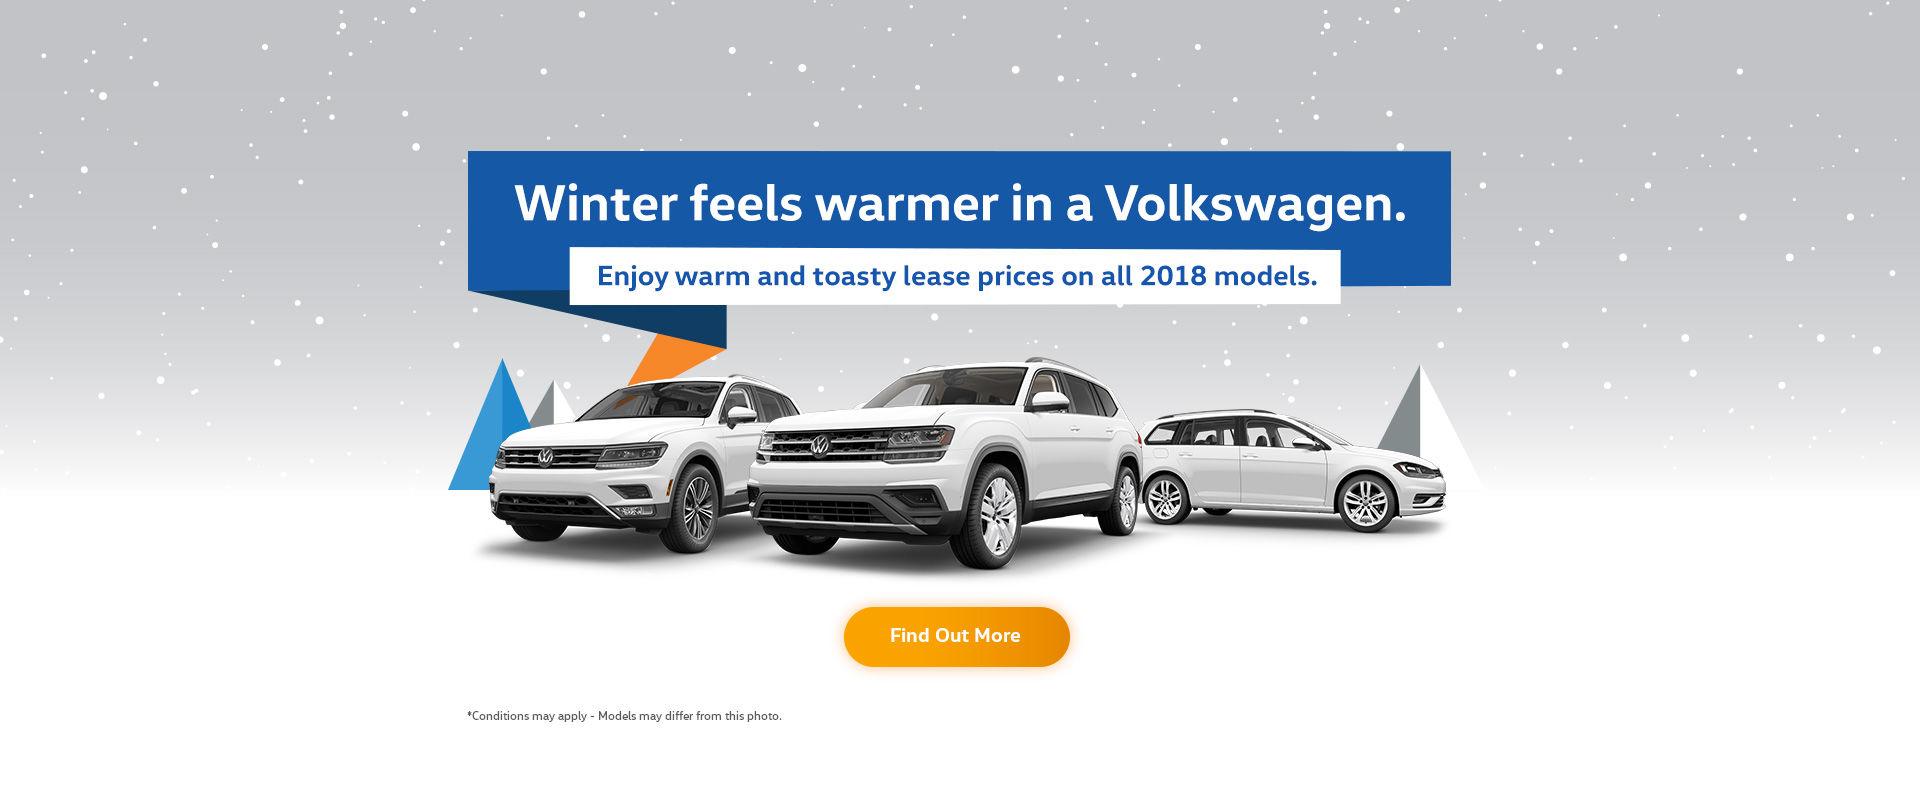 Winter feels warmer in a Volkswagen - November